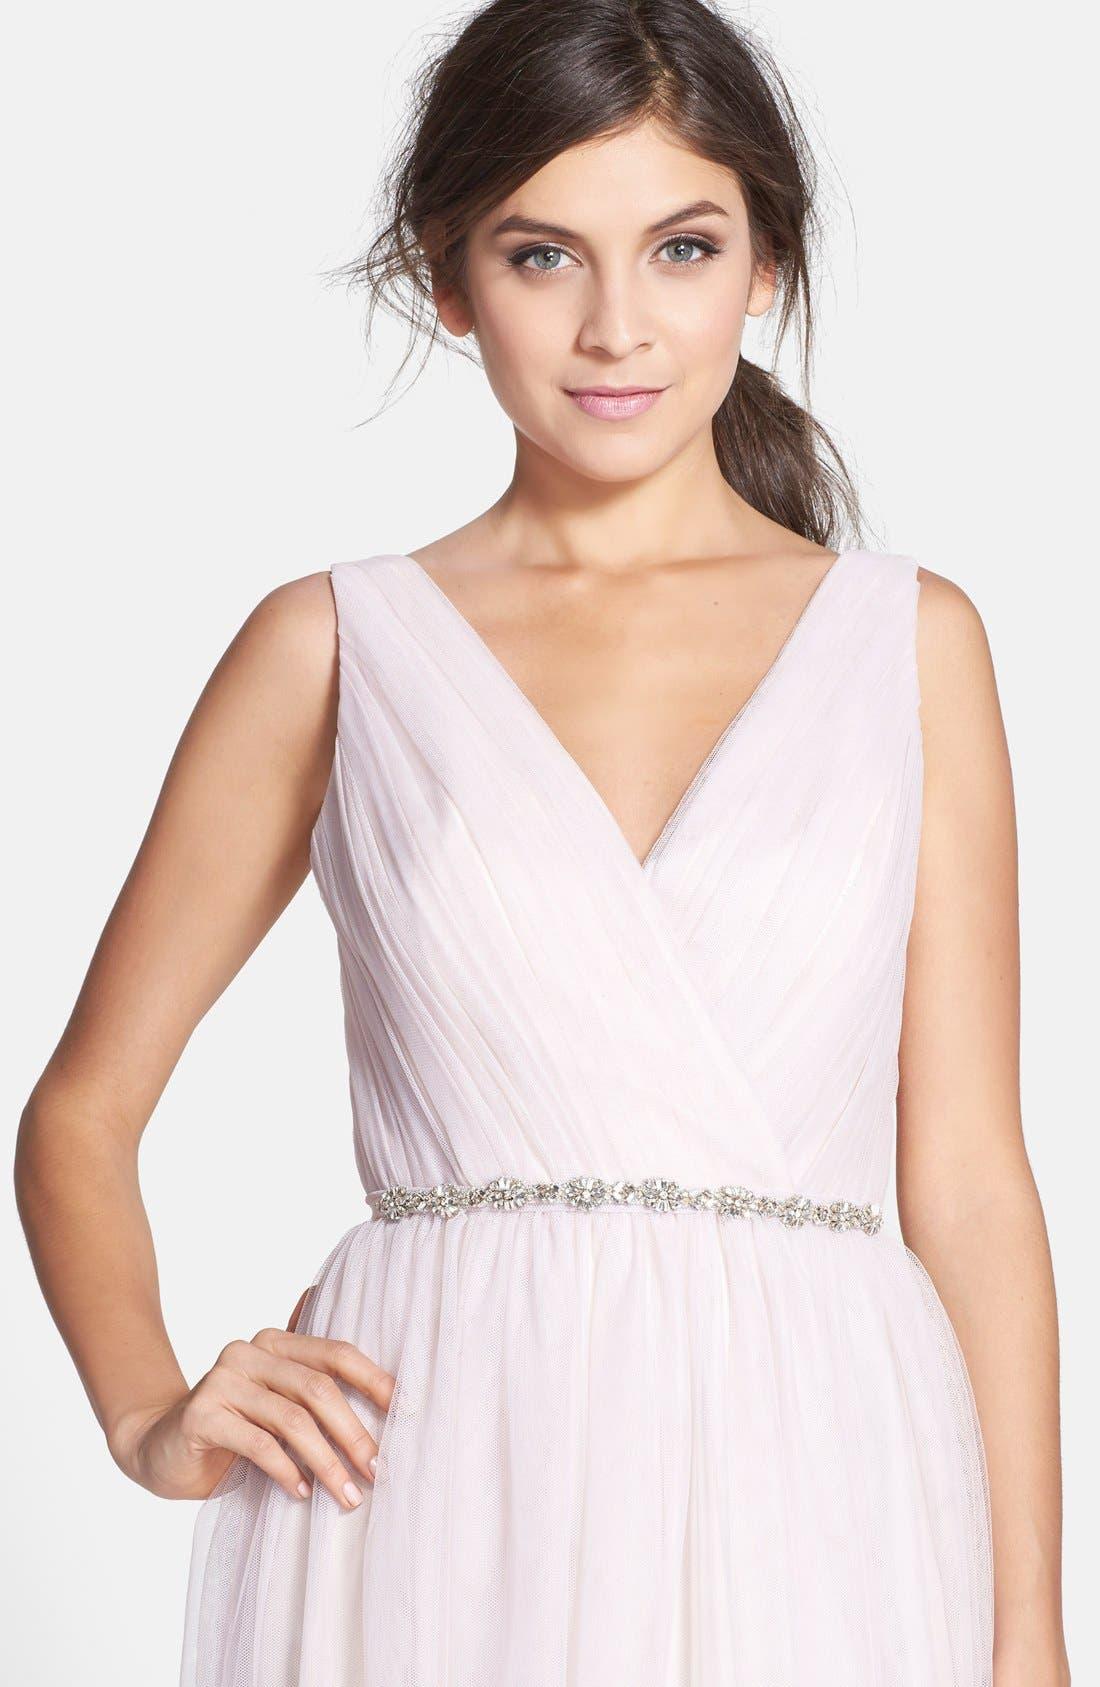 Main Image - Monique Lhuillier Bridesmaids Crystal Belt